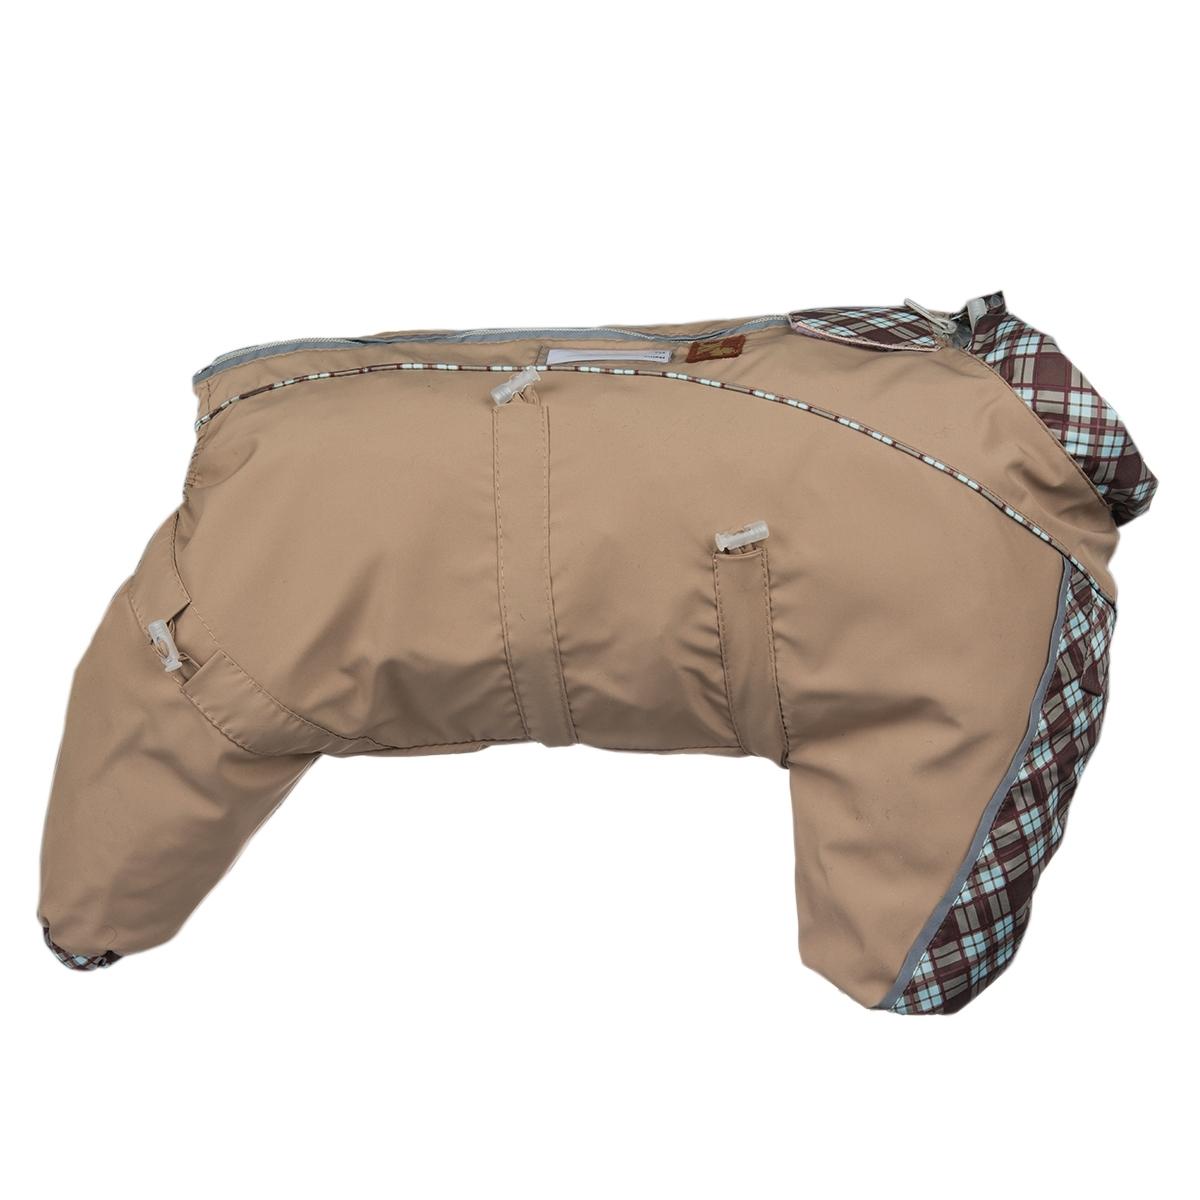 Комбинезон для собак Dogmoda Doggs, для девочки, цвет: бежевый. Размер L0120710Комбинезон для собак Dogmoda Doggs отлично подойдет для прогулок в прохладную погоду.Комбинезон изготовлен из полиэстера, защищающего от ветра и осадков, а на подкладке используется вискоза, которая обеспечивает отличный воздухообмен. Комбинезон застегивается на молнию и липучку, благодаря чему его легко надевать и снимать. Молния снабжена светоотражающими элементами. Низ рукавов и брючин оснащен внутренними резинками, которые мягко обхватывают лапки, не позволяя просачиваться холодному воздуху. На вороте, пояснице и лапках комбинезон затягивается на шнурок-кулиску с затяжкой. Благодаря такому комбинезону простуда не грозит вашему питомцу.Длина по спинке: 42 см.Объем груди: 76 см.Обхват шеи: 54 см.